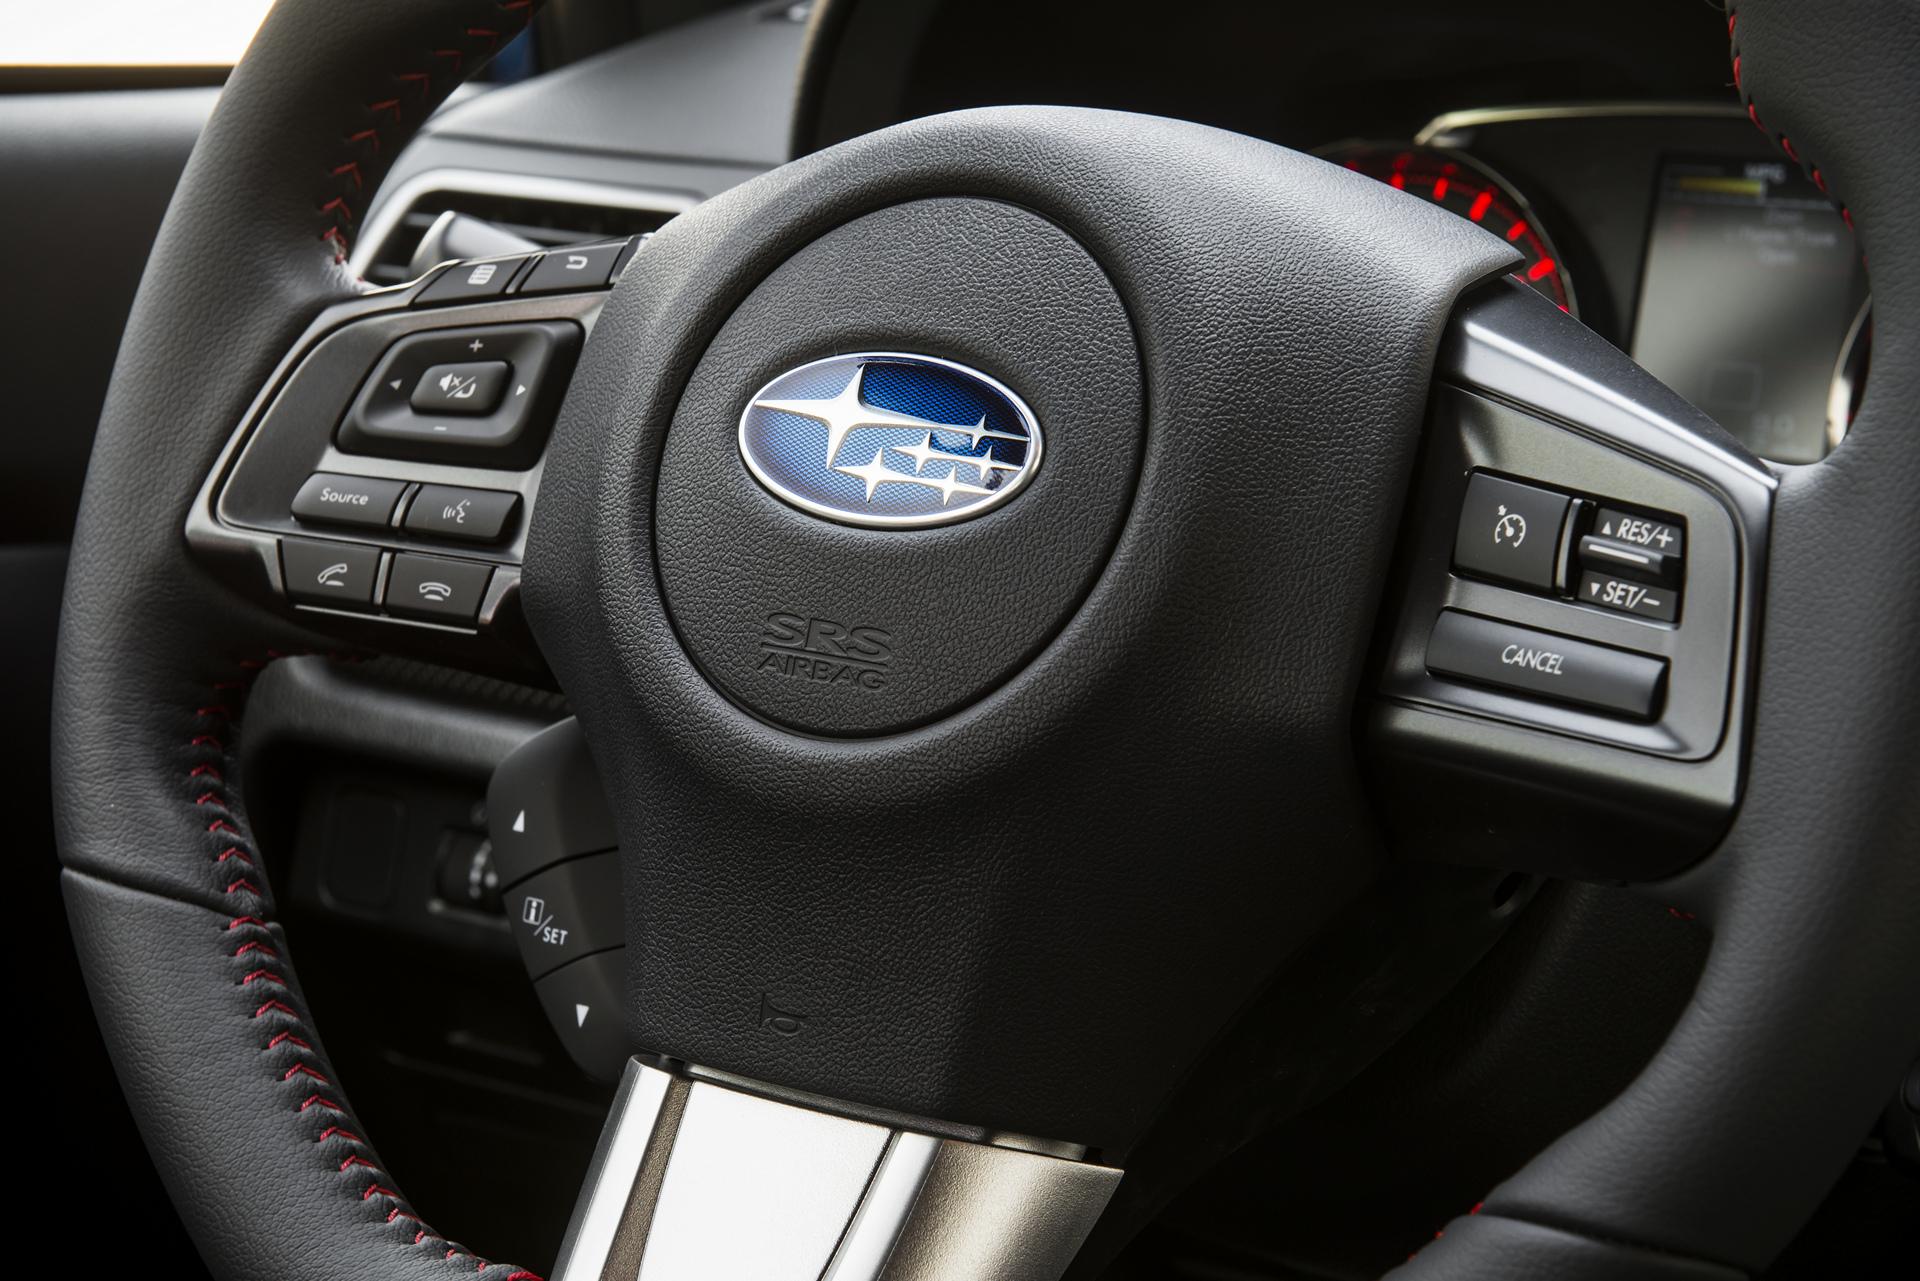 2016 Subaru WRX STI © Fuji Heavy Industries, Ltd.